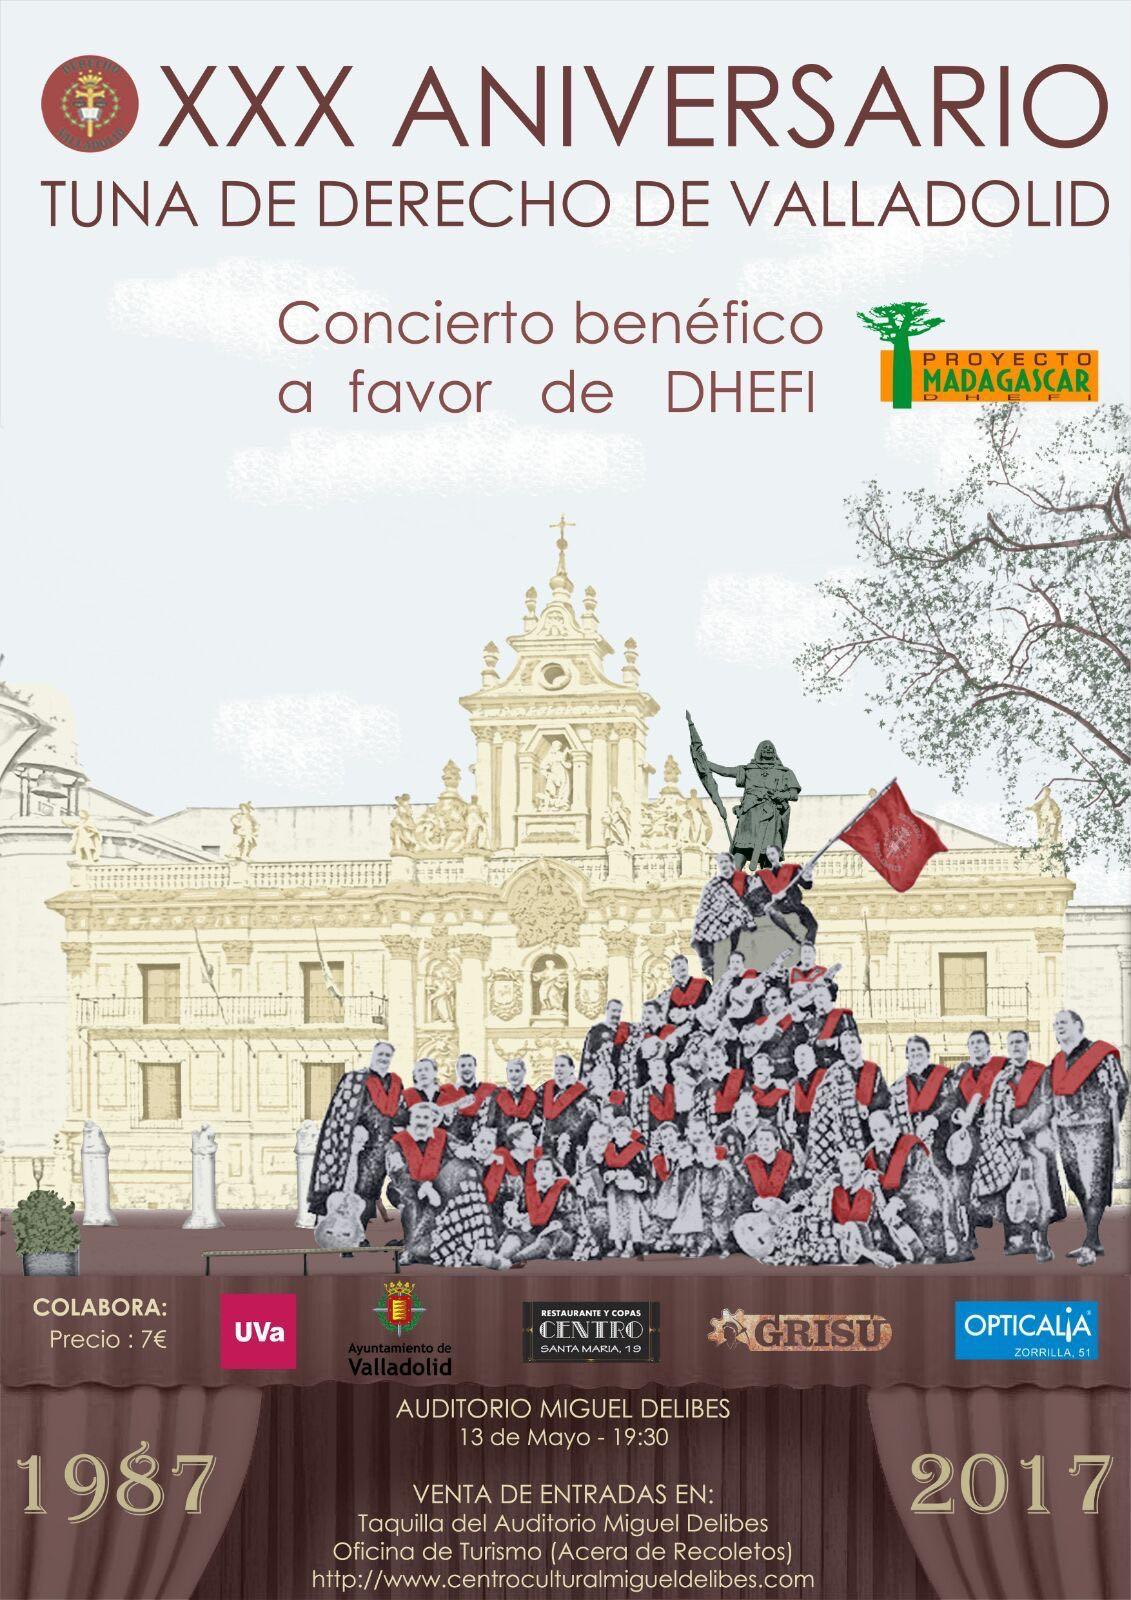 Banco del tiempo ayuntamiento de valladolid xxx aniversario tuna de derecho concierto solidario - Oficina turismo valladolid ...